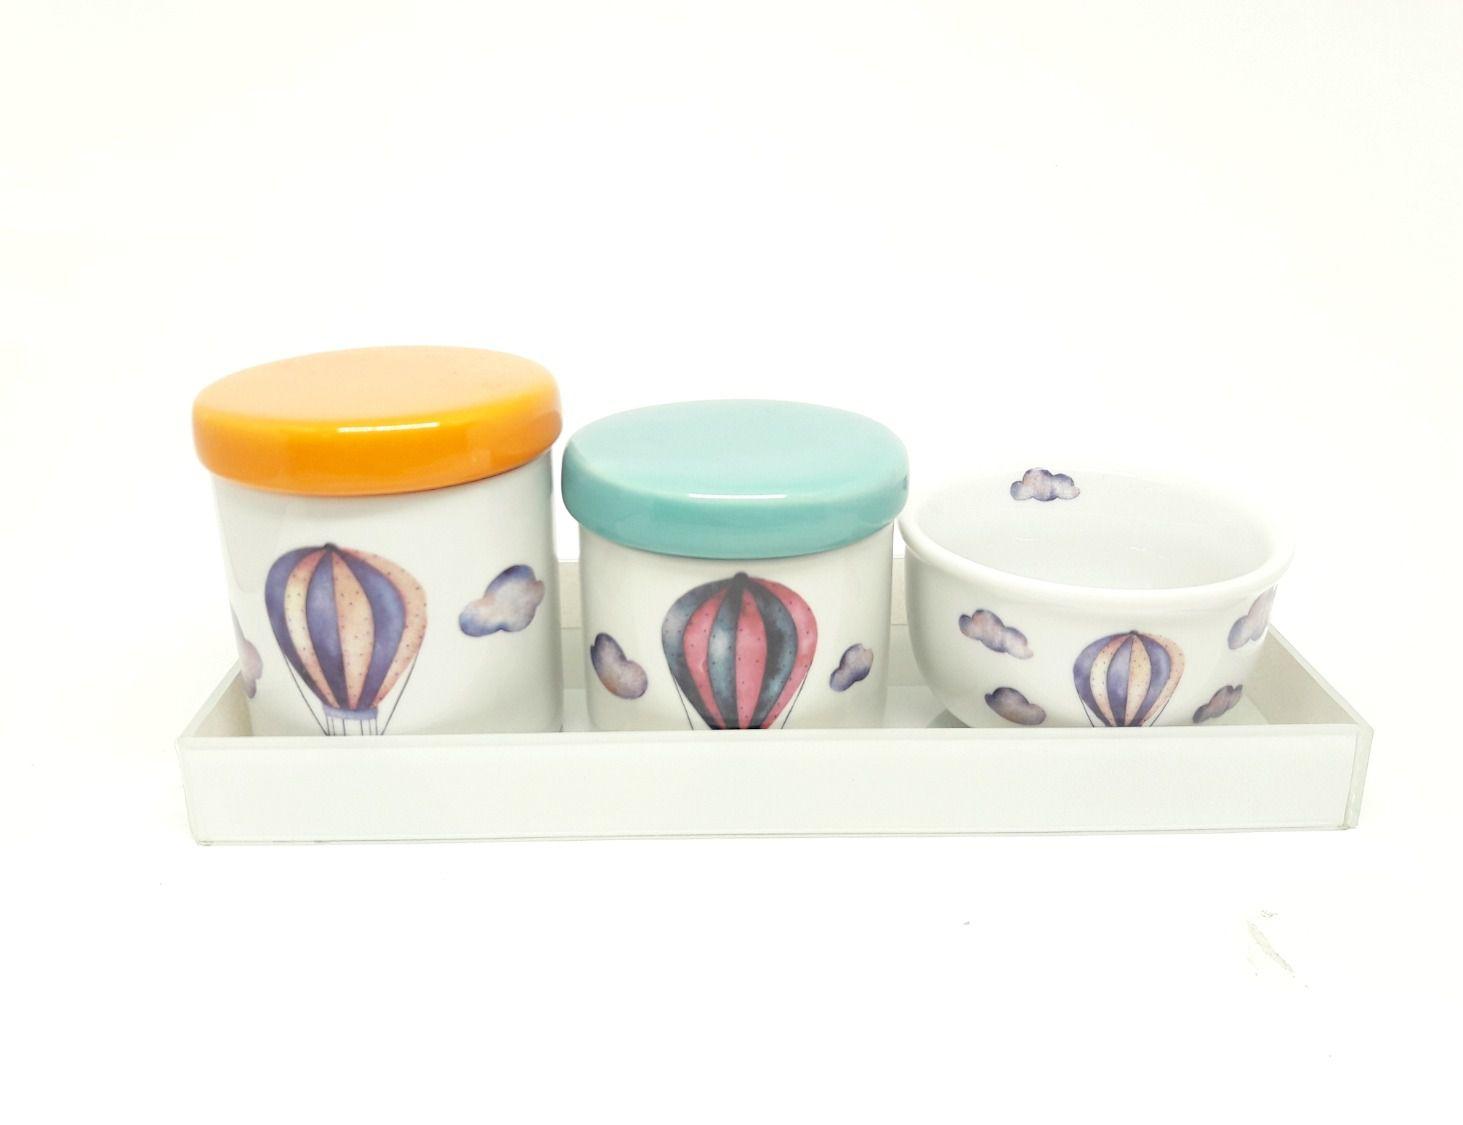 Kit Higiene Bebê Porcelana |Balão, Balões, Nuvem | 3 peças